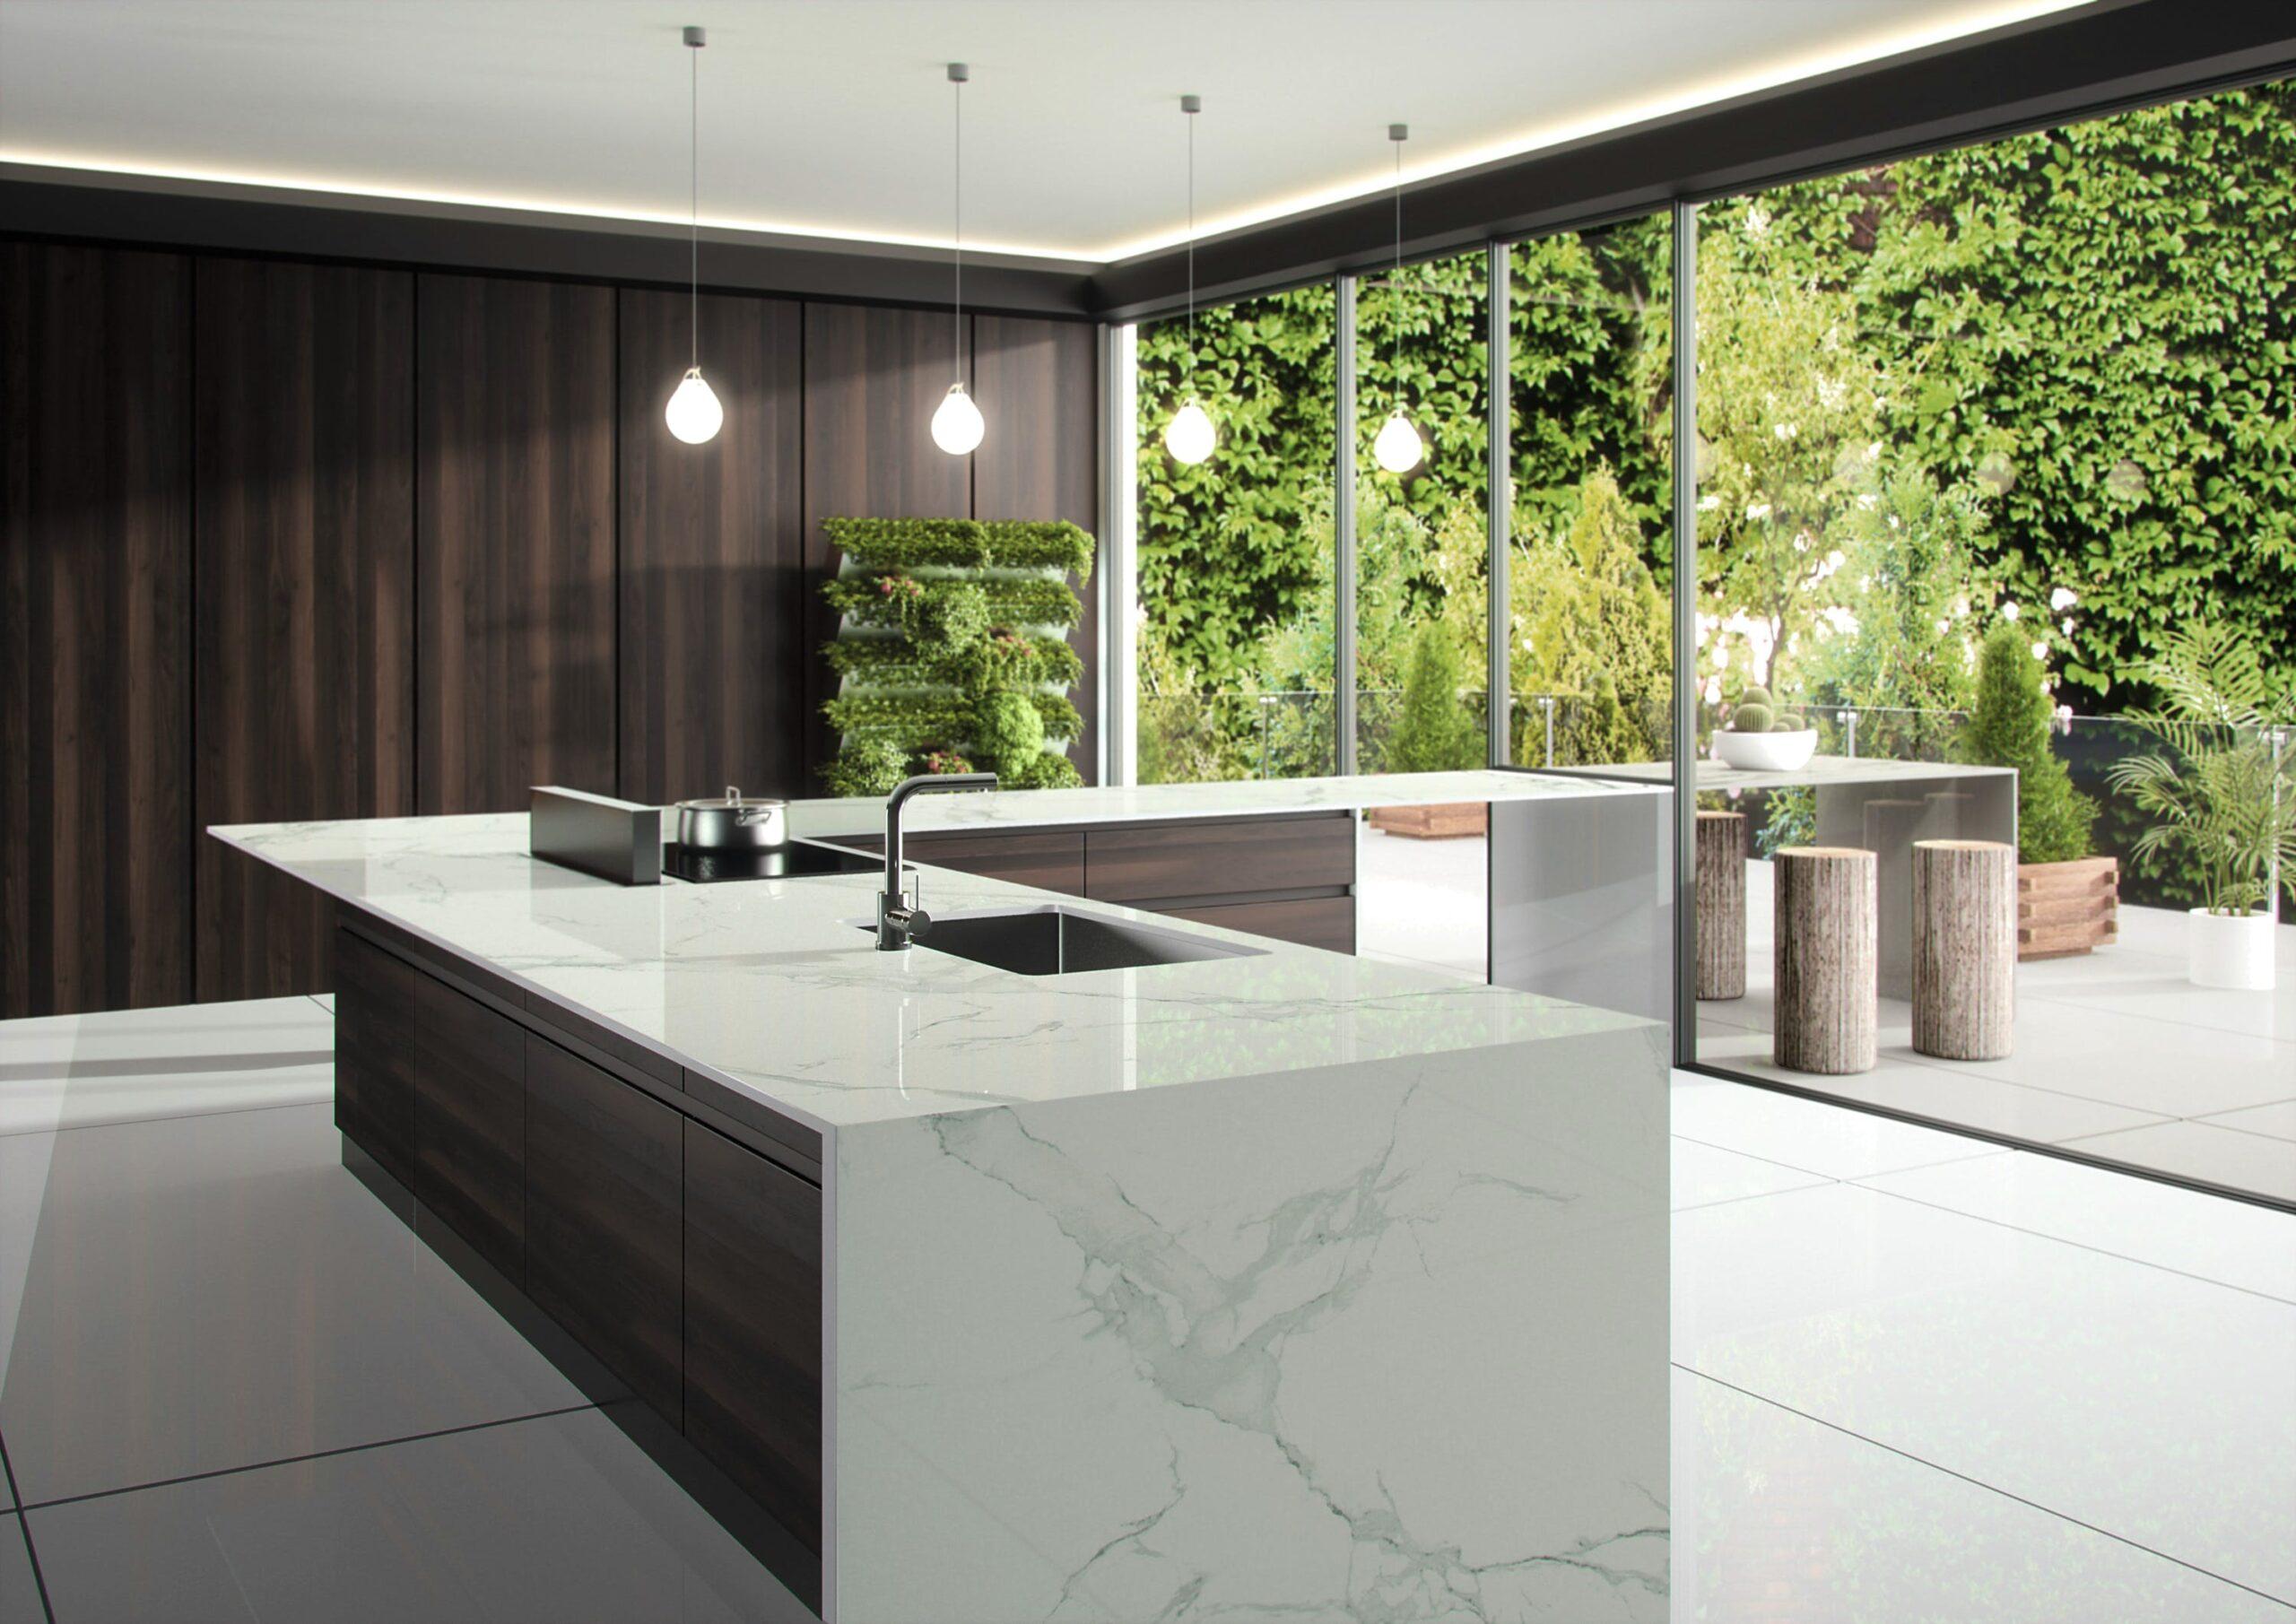 Image of Dekton Natura kitchen countertop LR 6 scaled in Dekton® by Cosentino Introduces Opera and Natura - Cosentino